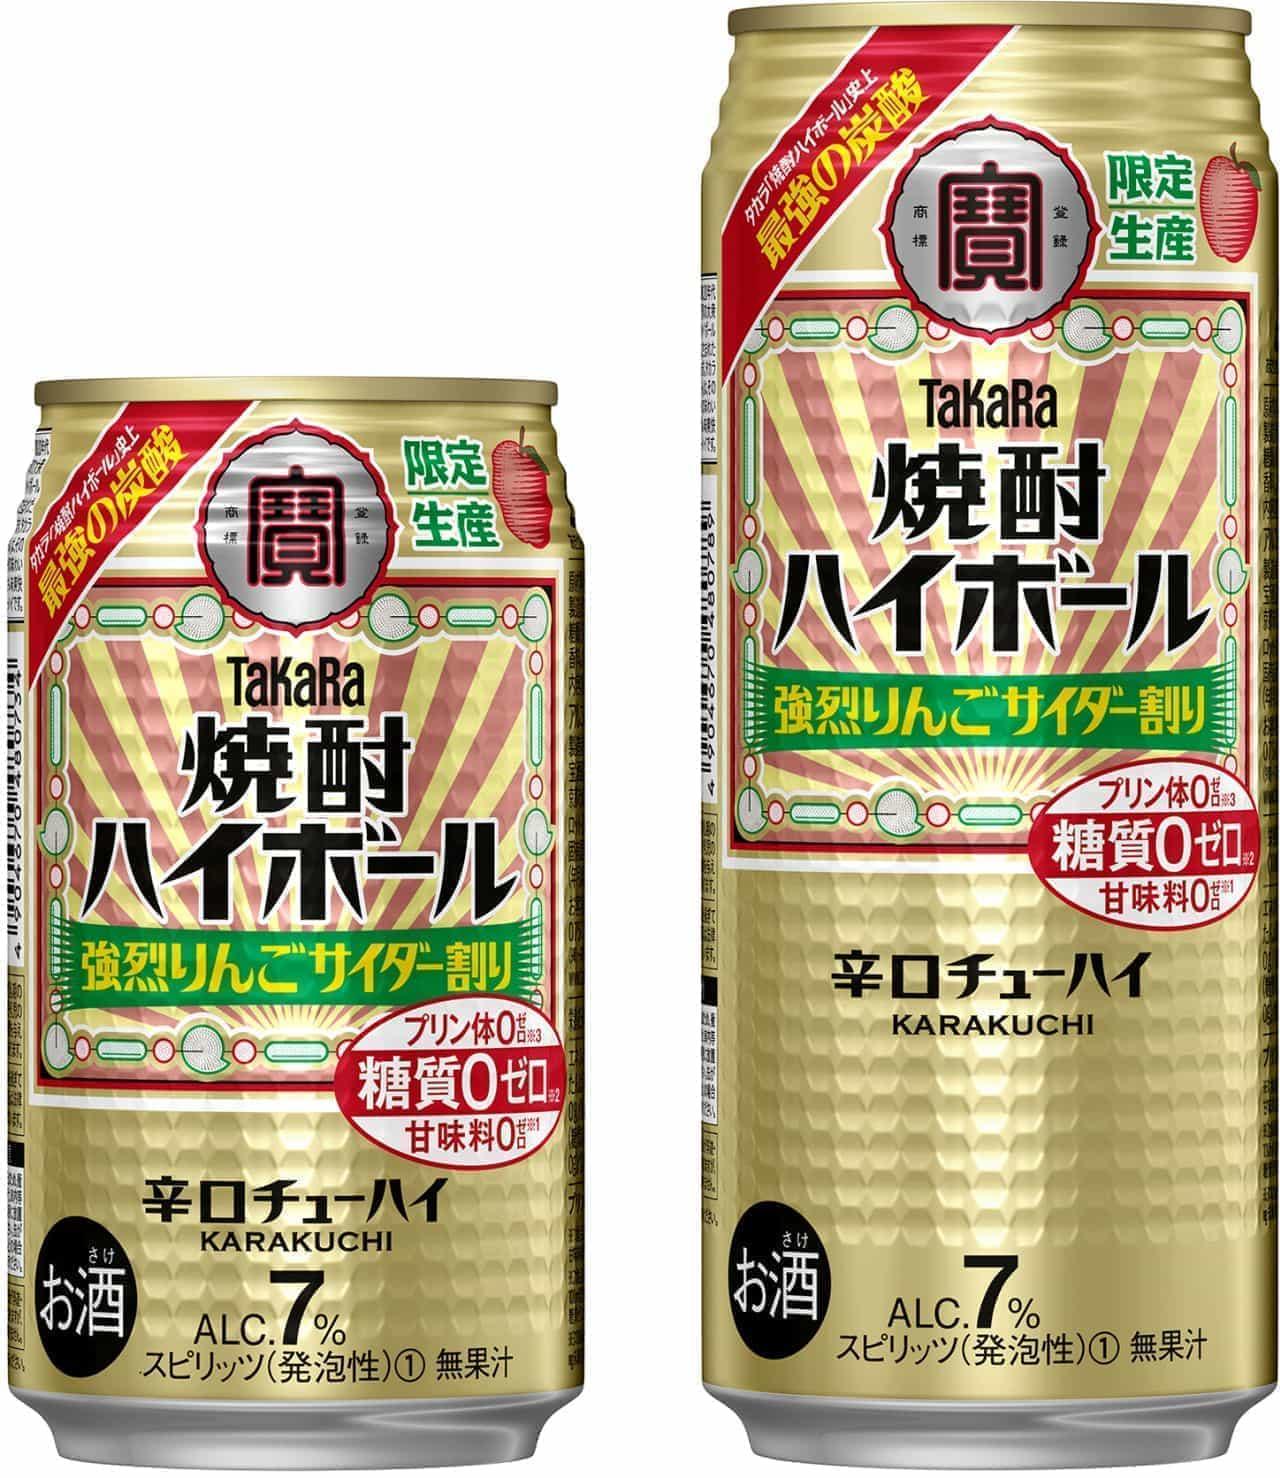 宝酒造「タカラ 焼酎ハイボール<強烈りんごサイダー割り>」